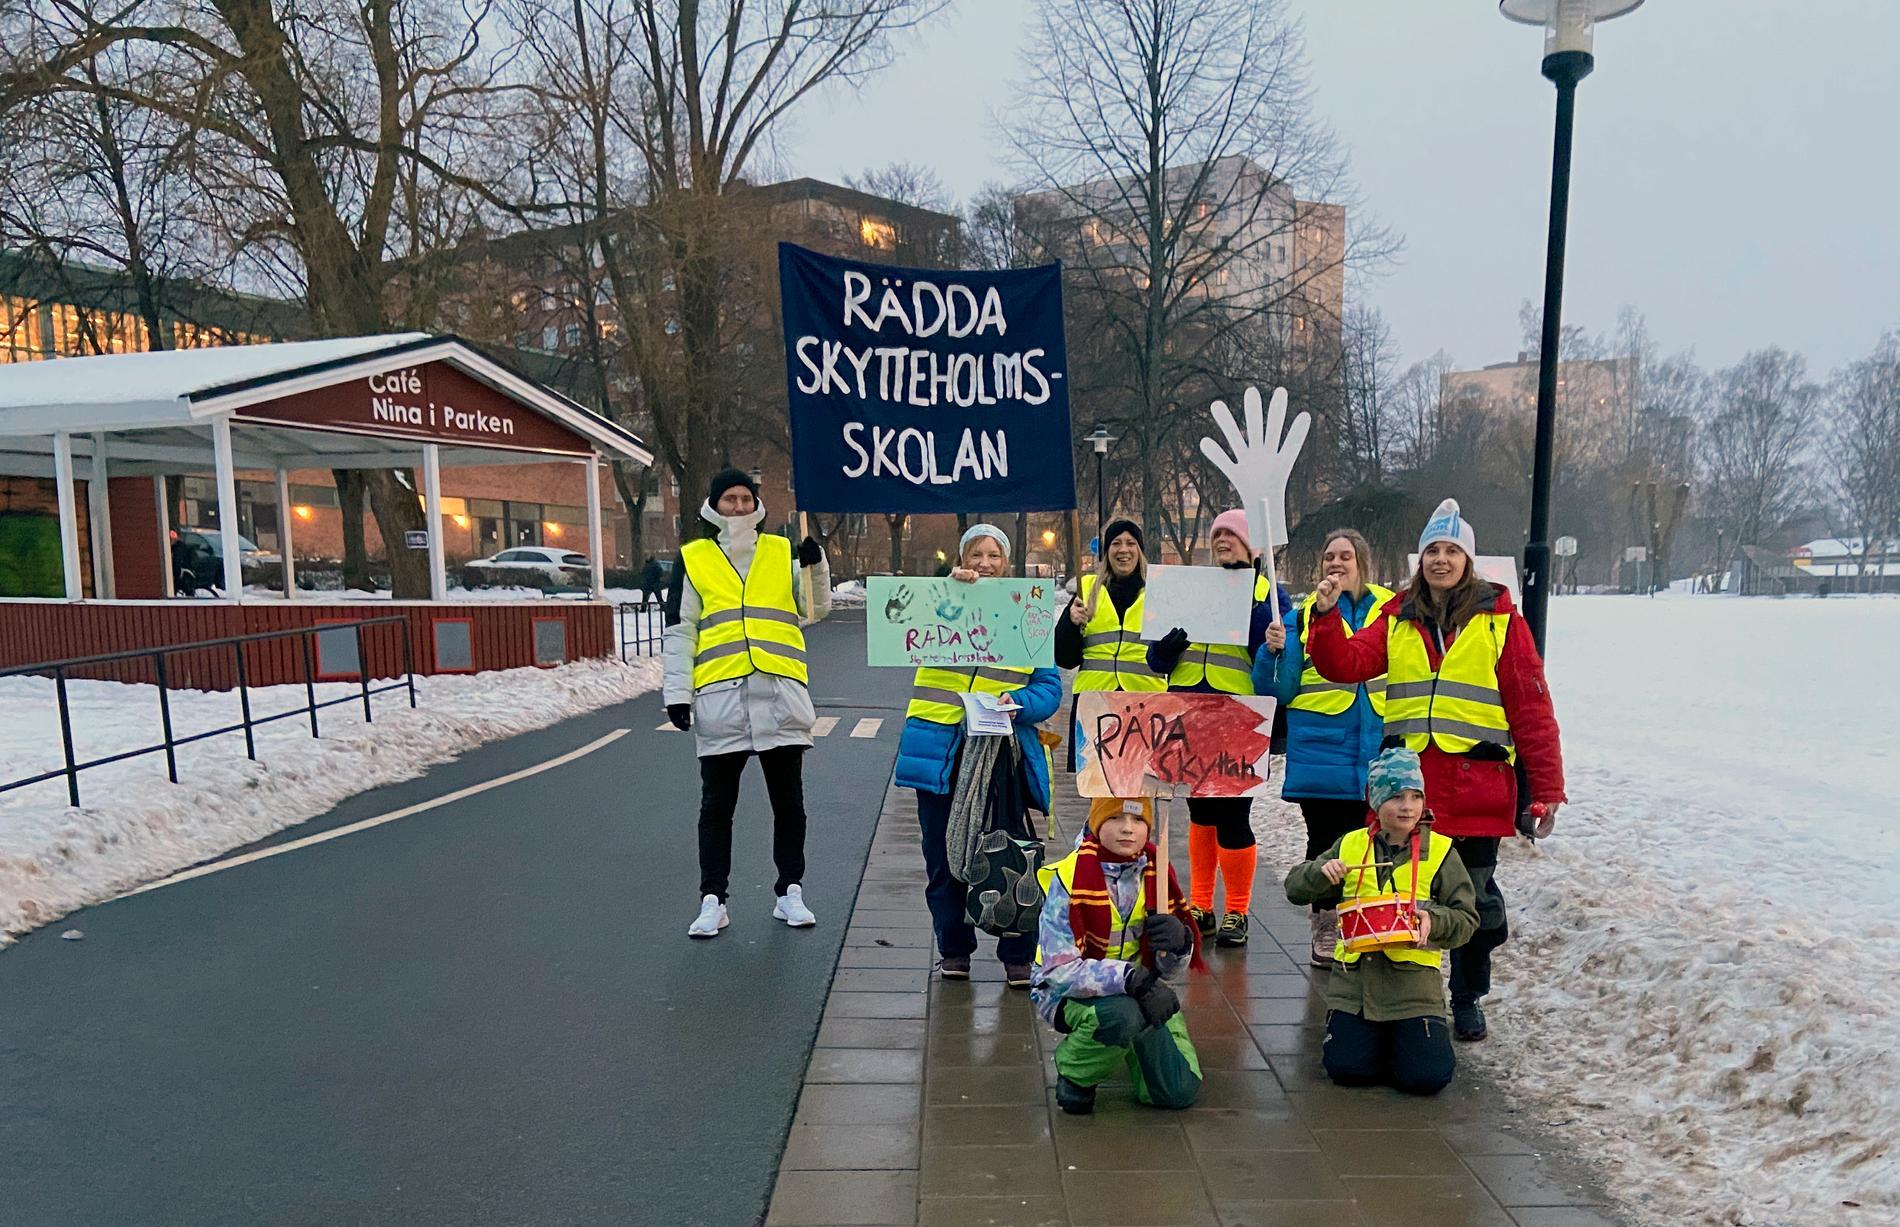 Bilder från 24-timmars protestmarsch i februari för att rädda Skytteholmsskolan.